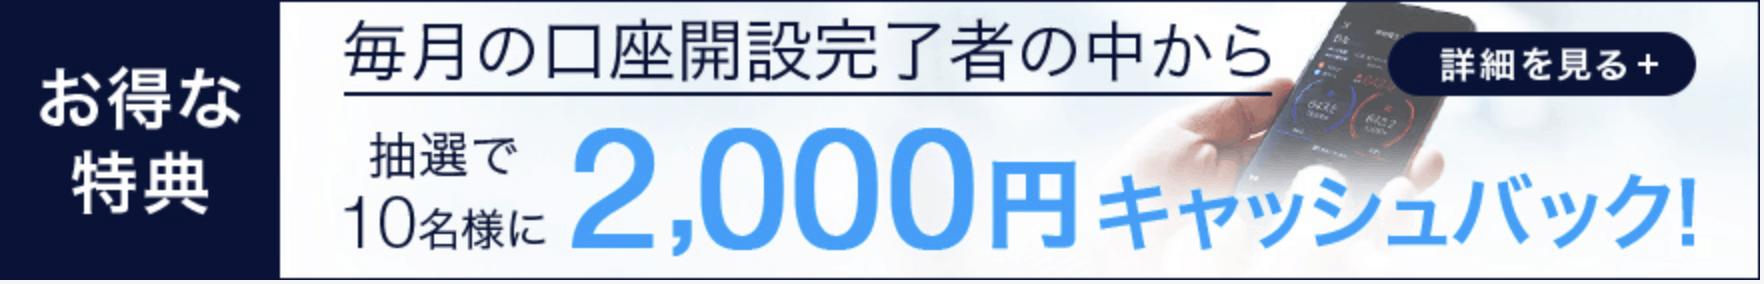 【新規口座開設限定】DMM株(DMM証券)「2,000円キャッシュバック」キャンペーン